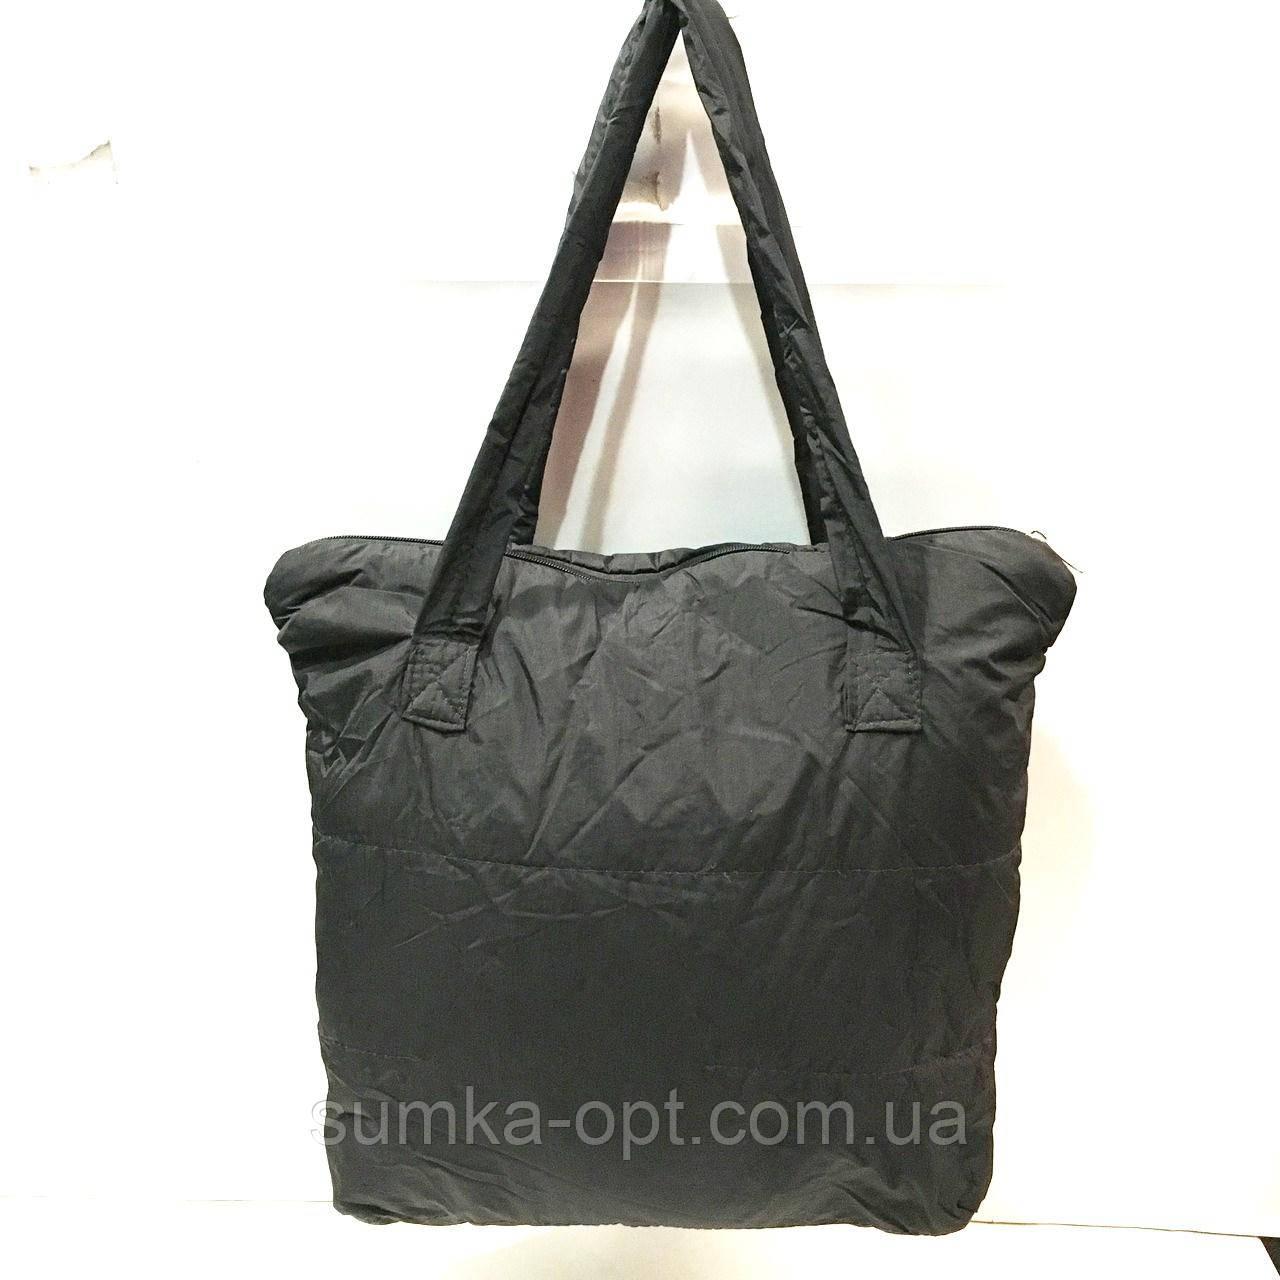 Стьобані сумки плащівка (чорний)38*42см